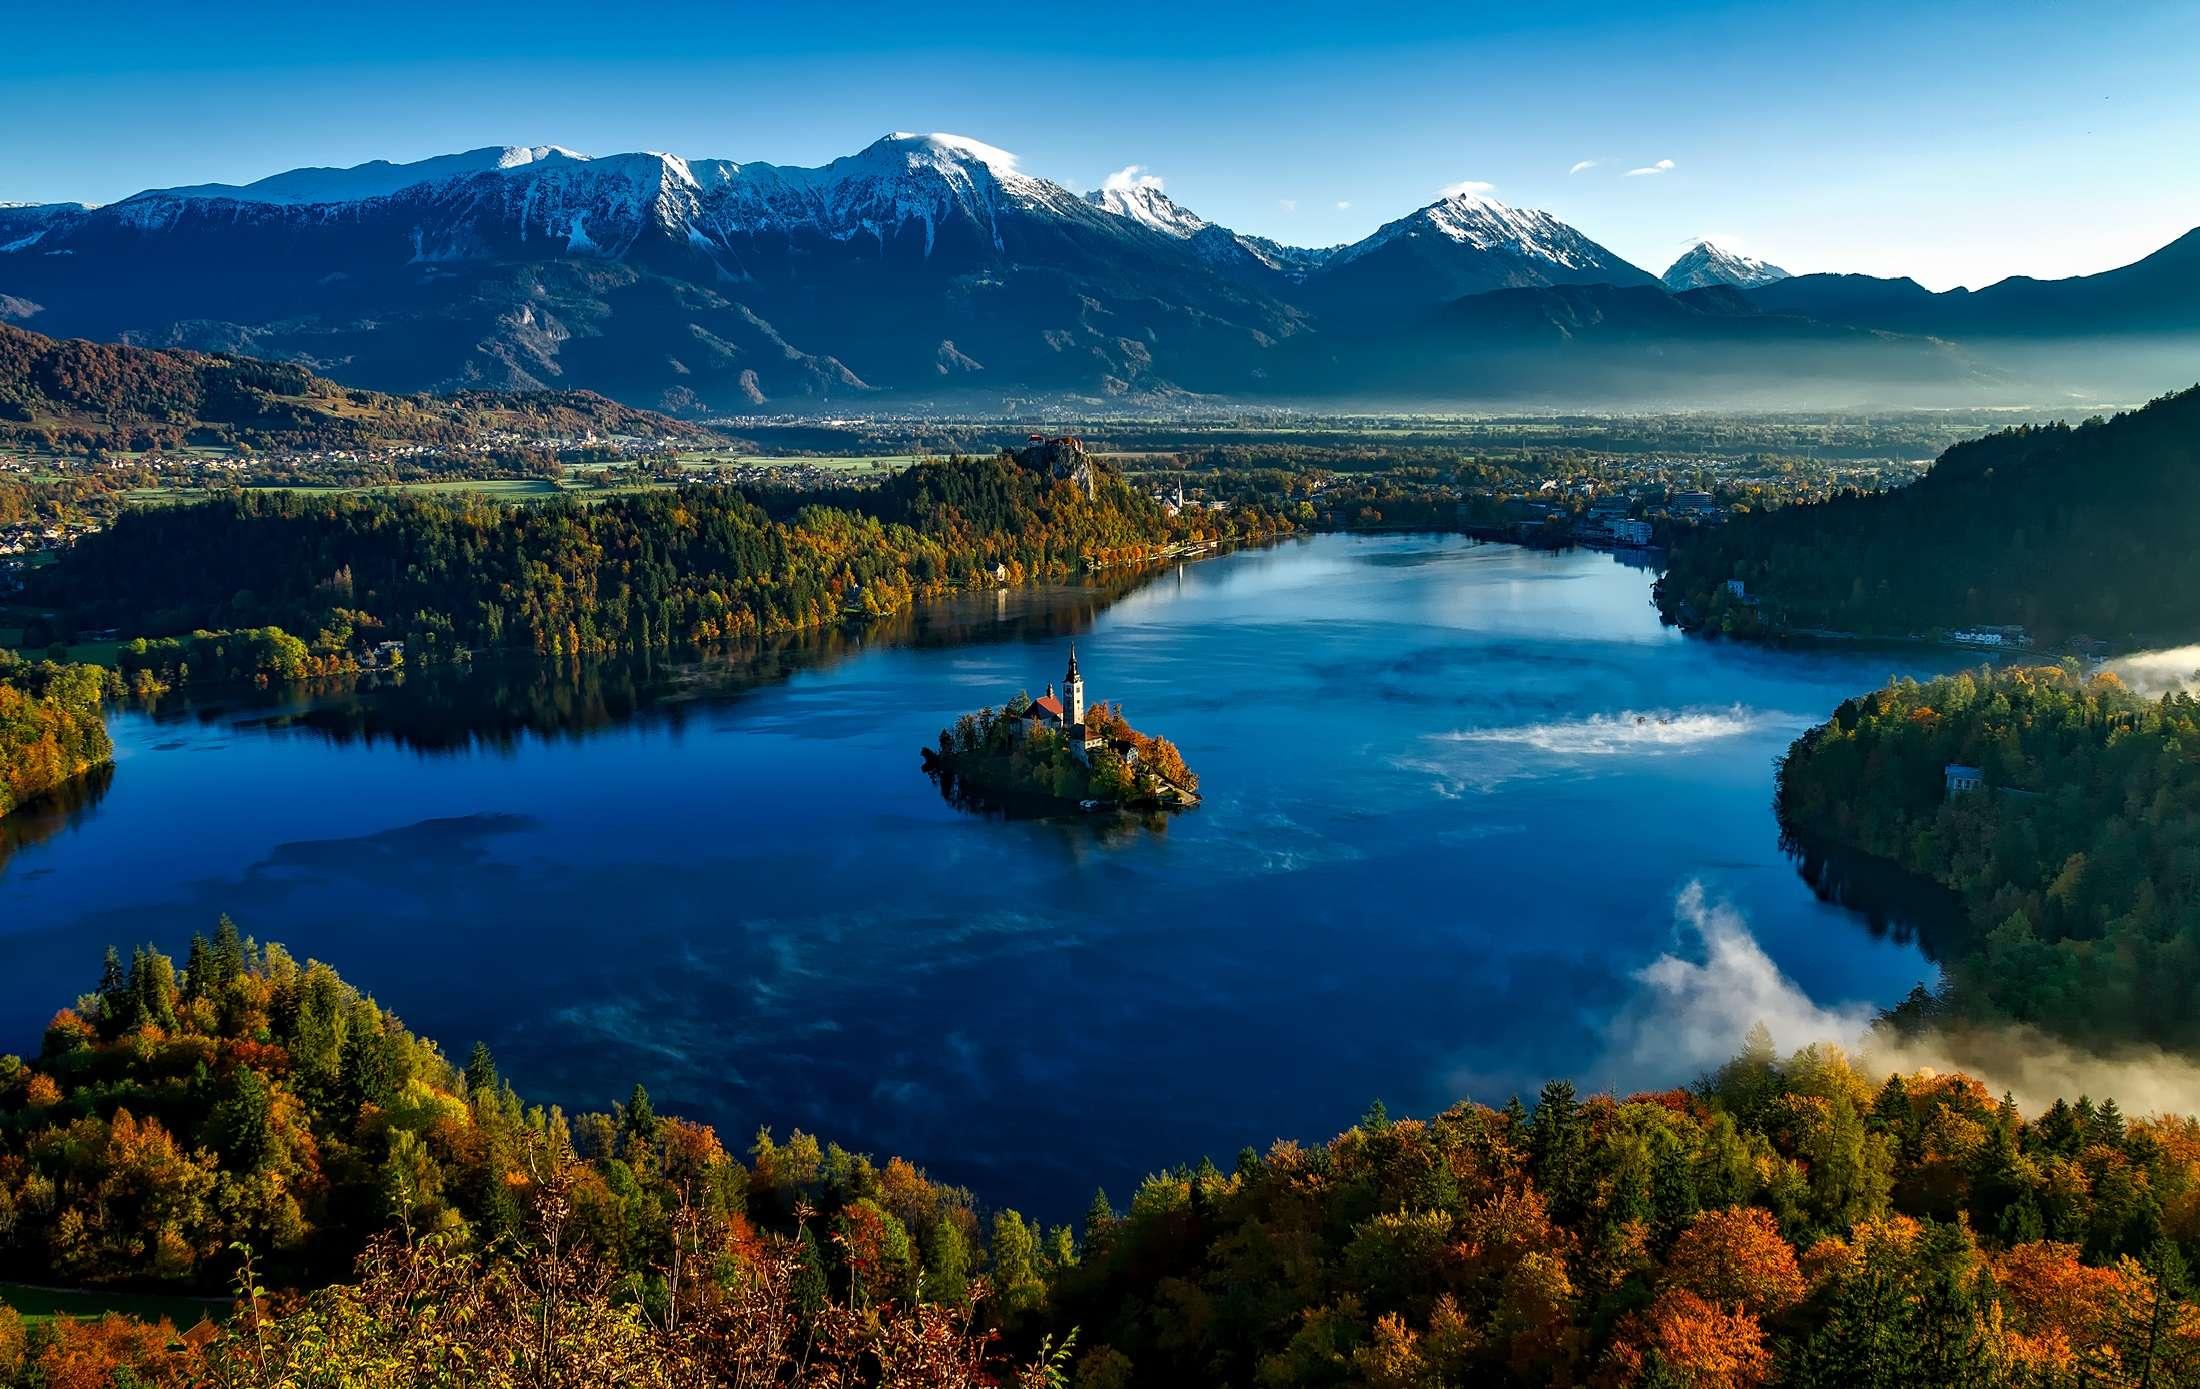 Bled - widok na jezioro i wyspę w kolorach jesiennych z lotu ptaka